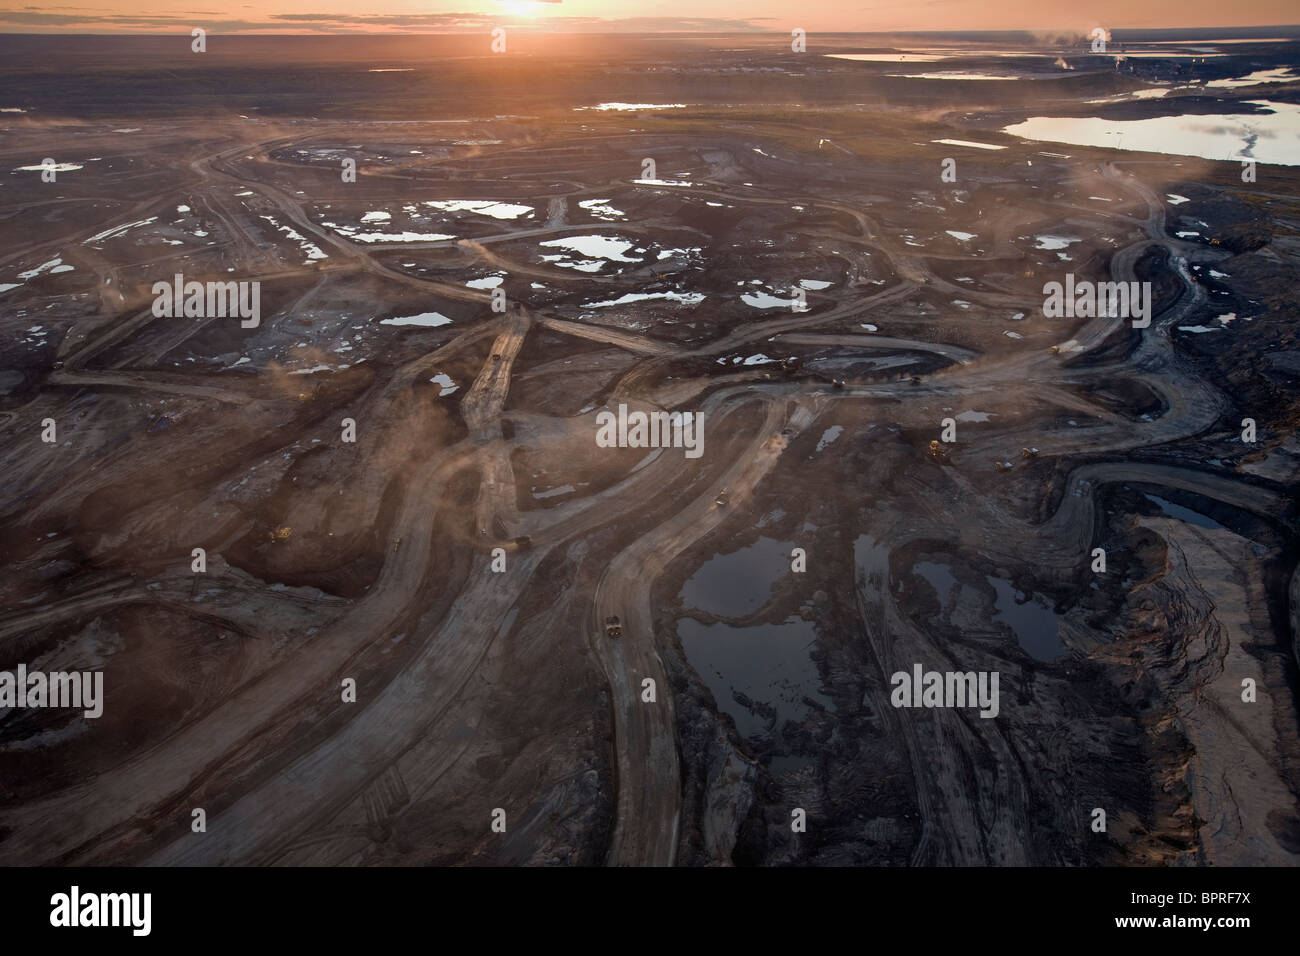 Luftaufnahmen von Suncor Millenium mir, nördlich von Fort McMurray, Kanada. Stockbild